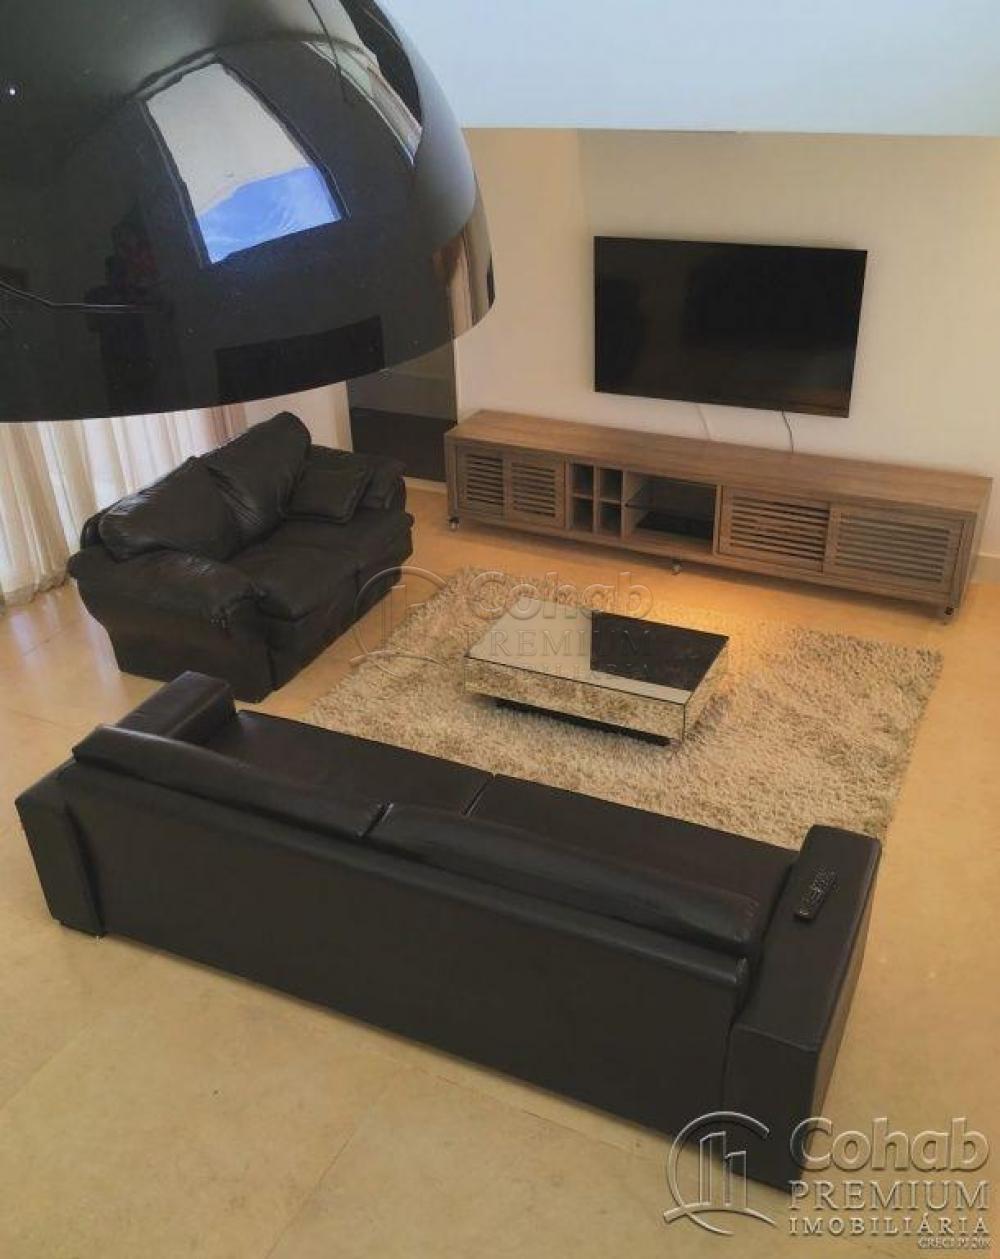 Comprar Casa / Condomínio em Aracaju apenas R$ 2.250.000,00 - Foto 15